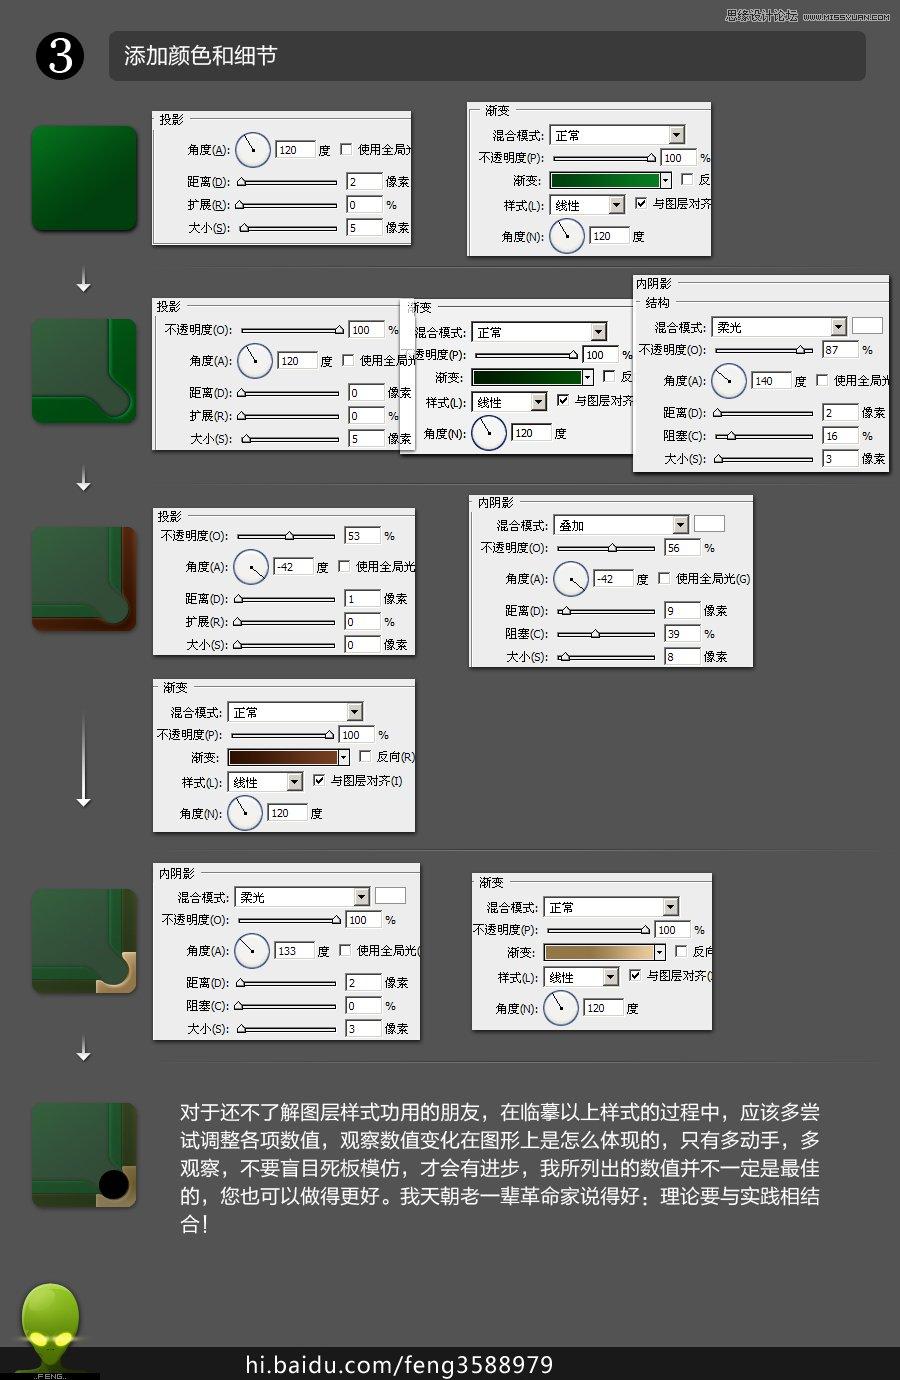 Photoshop鼠绘斯诺克立体图标教程,PS教程,思缘教程网